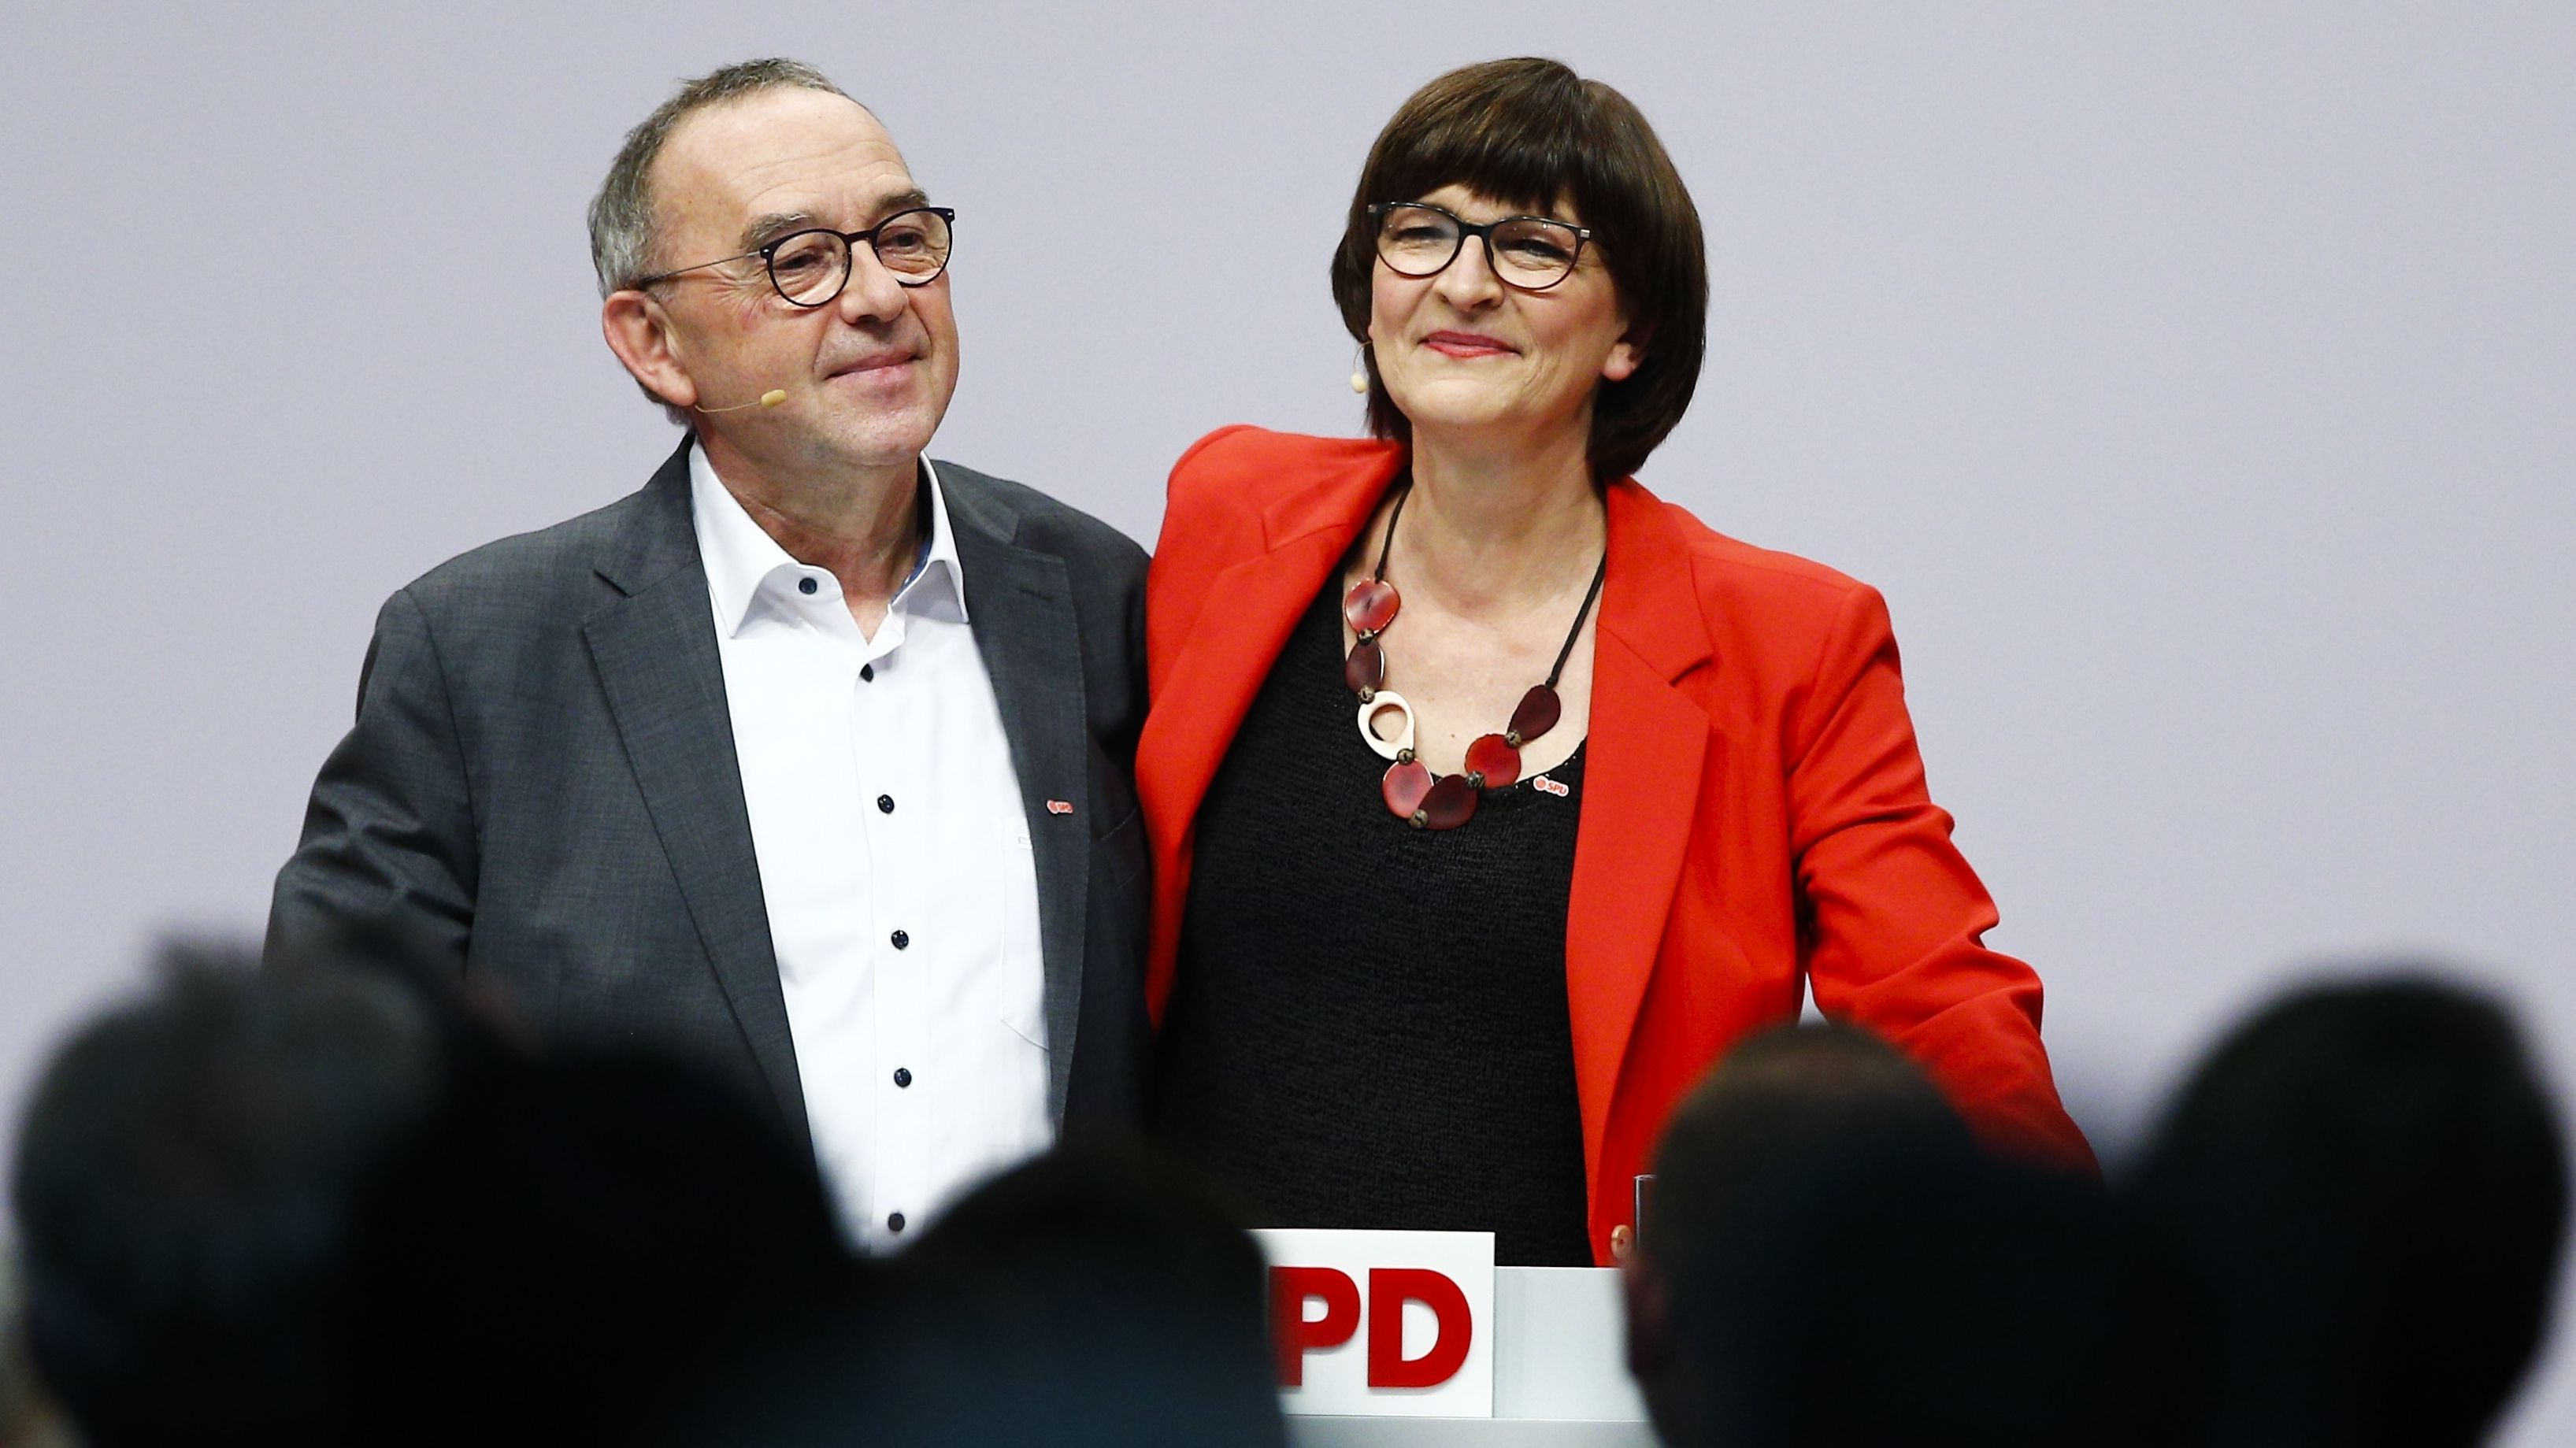 SPD-Parteitag wählt Esken und Walter-Borjans als Spitzenduo